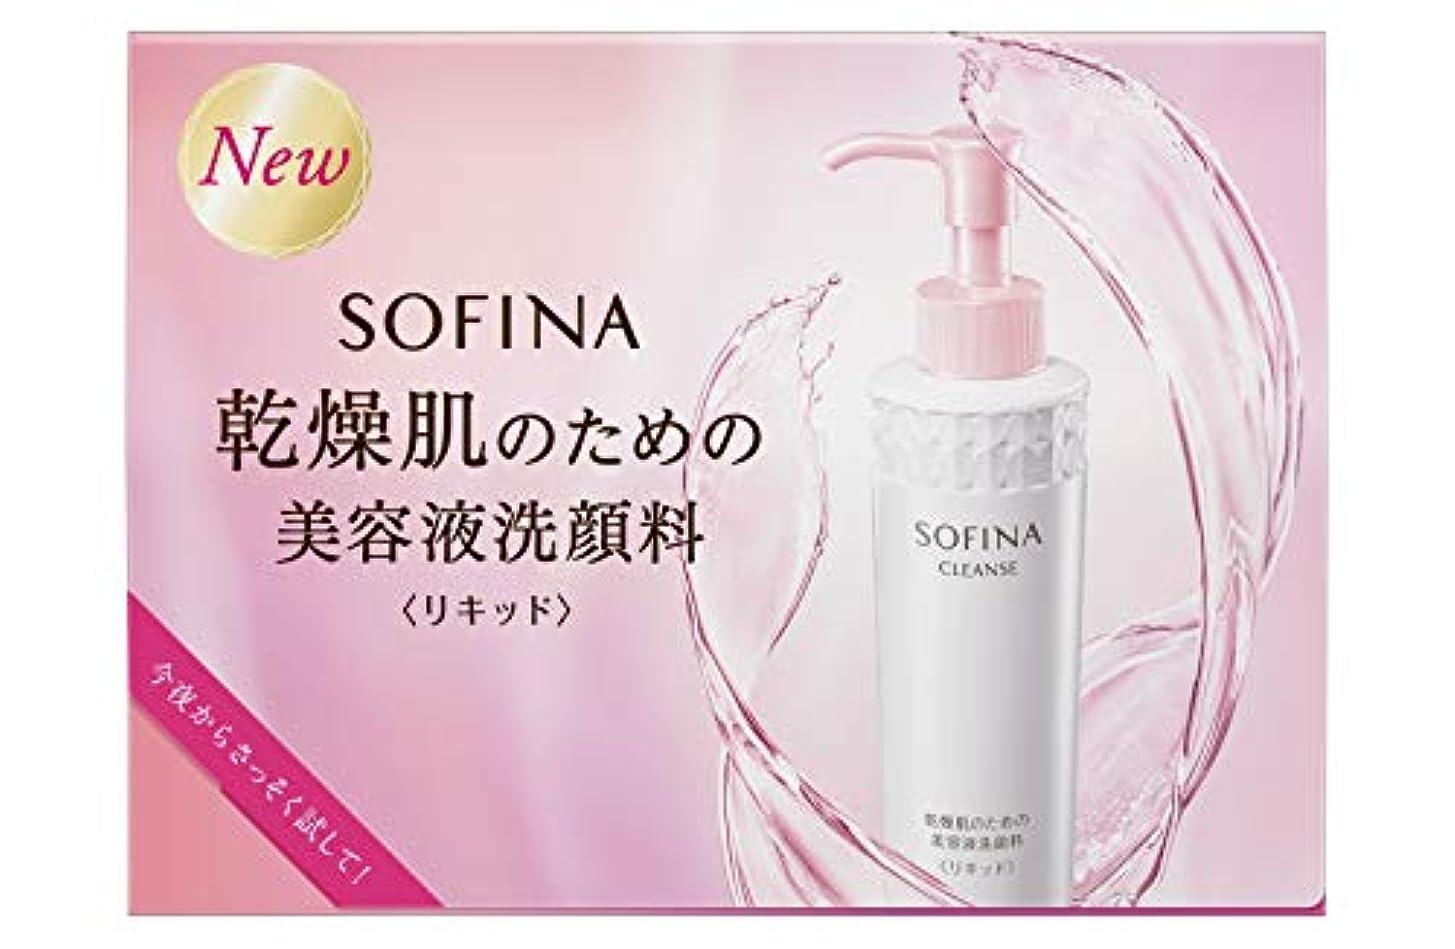 取り戻すフリース虎ソフィーナ 乾燥肌のための美容液洗顔料(リキッド) お試しピロー 2ml×2 【実質無料サンプルストア対象】